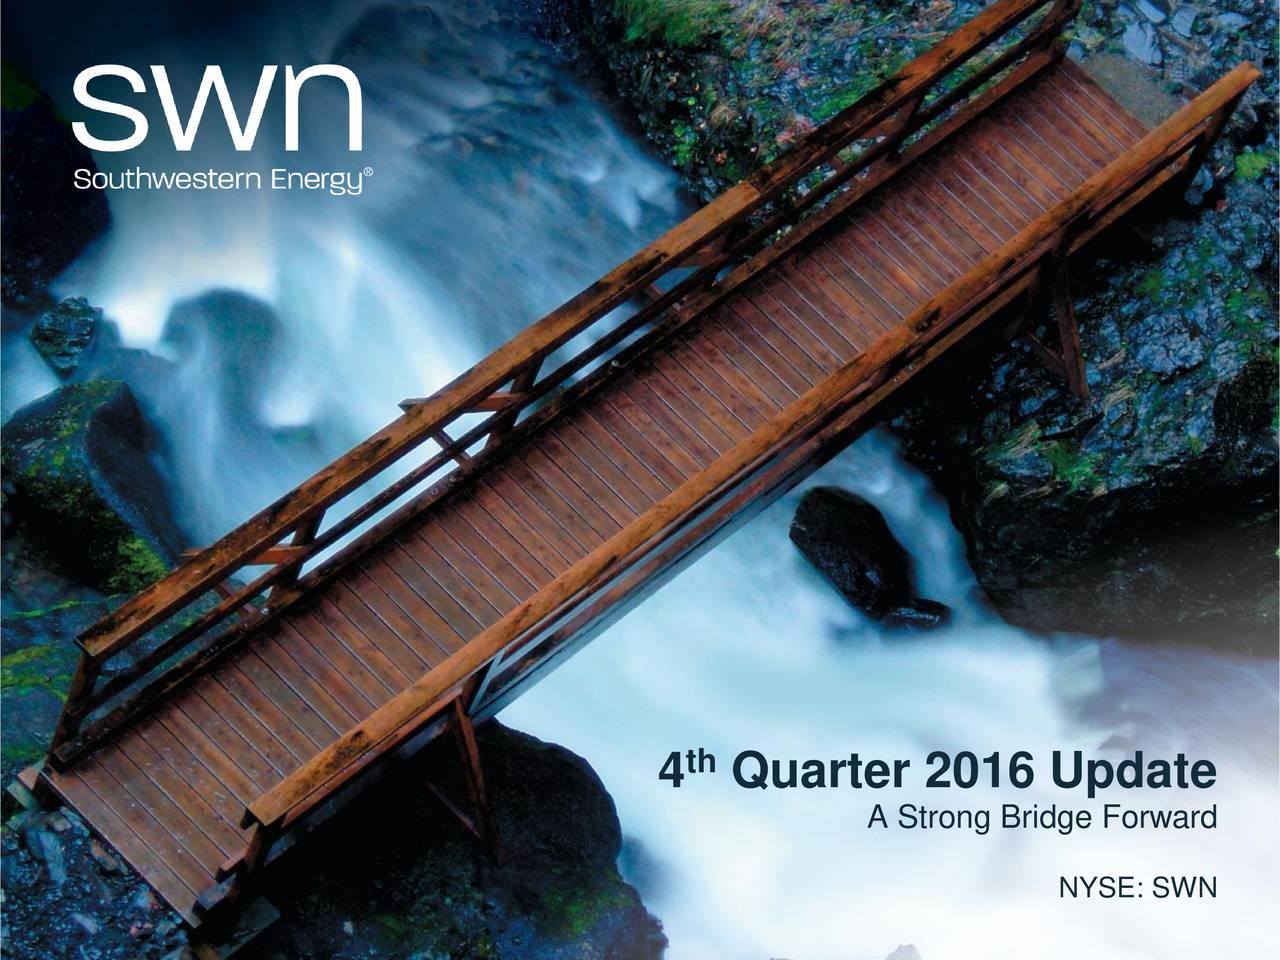 A Strong Bridge Forward NYSE: SWN